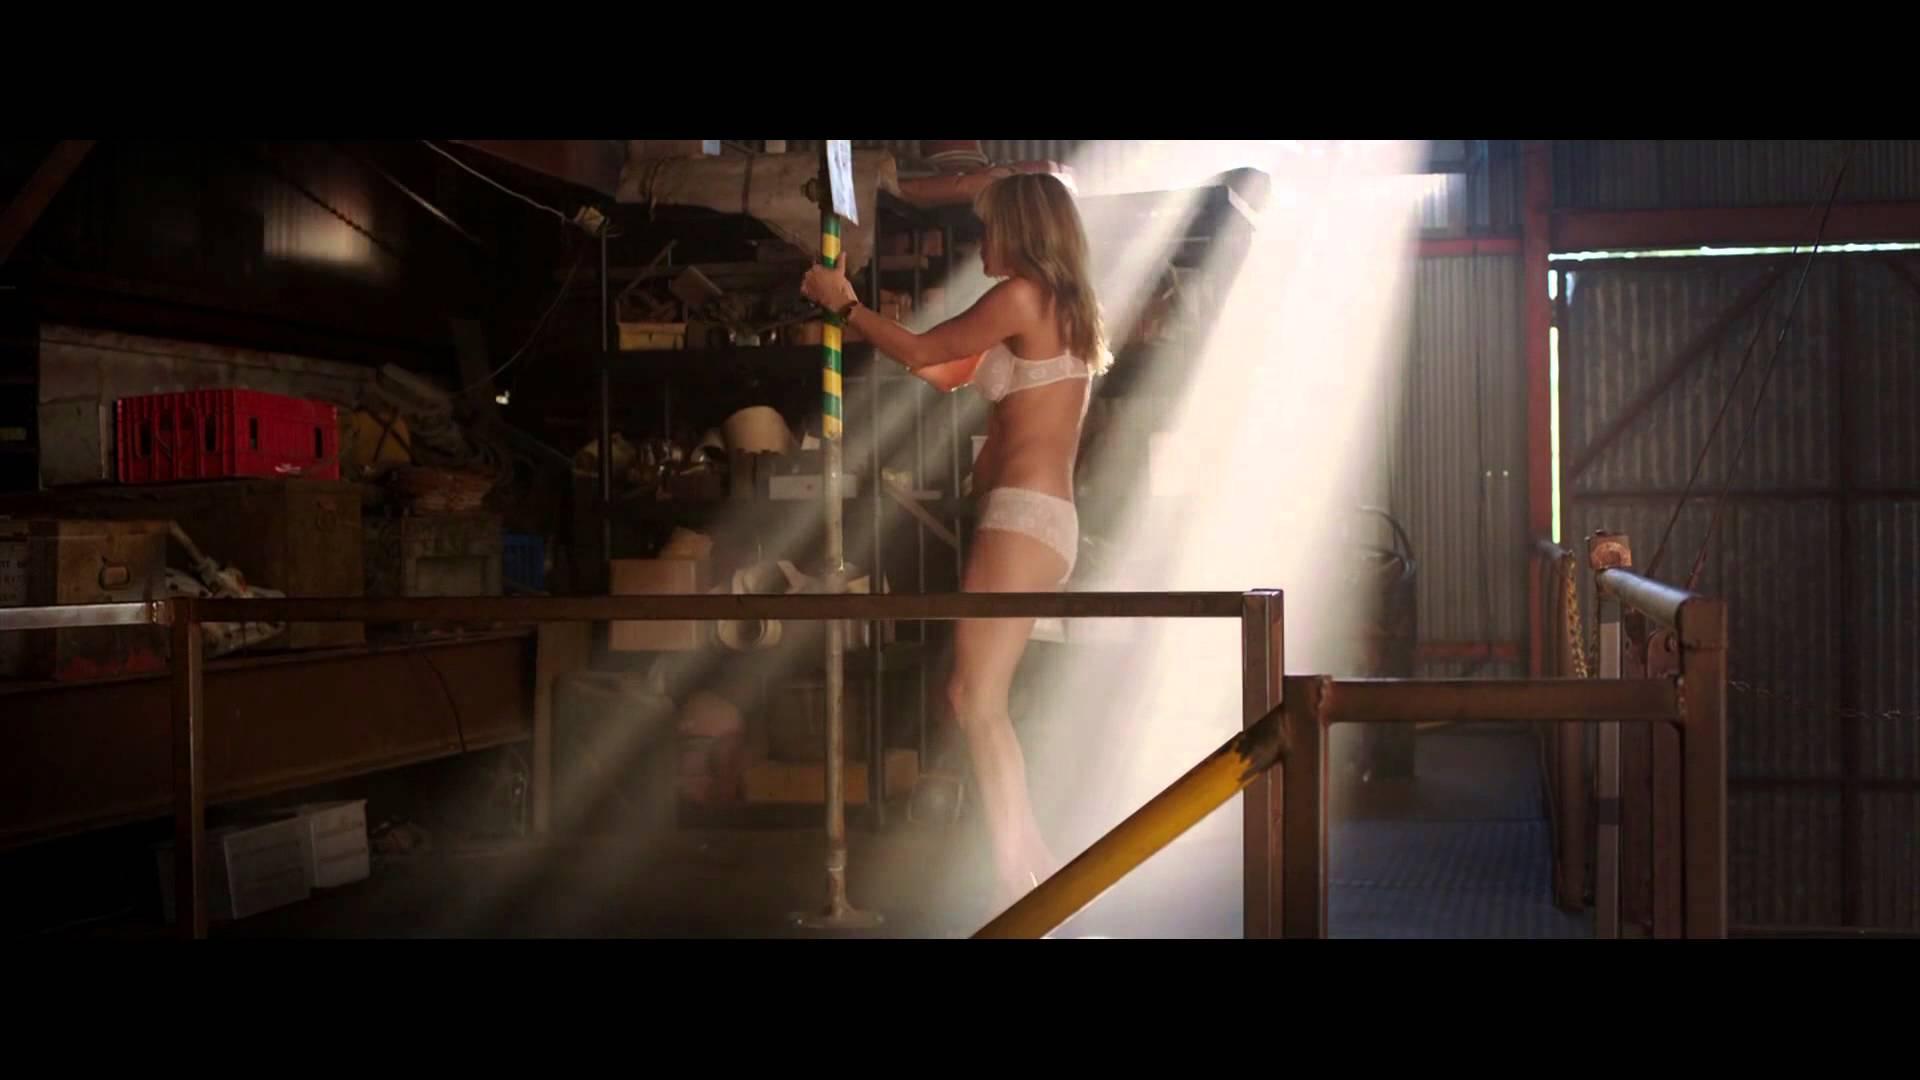 Cameron Diaz vs Jennifer Aniston in Sexy Watch (Watch)